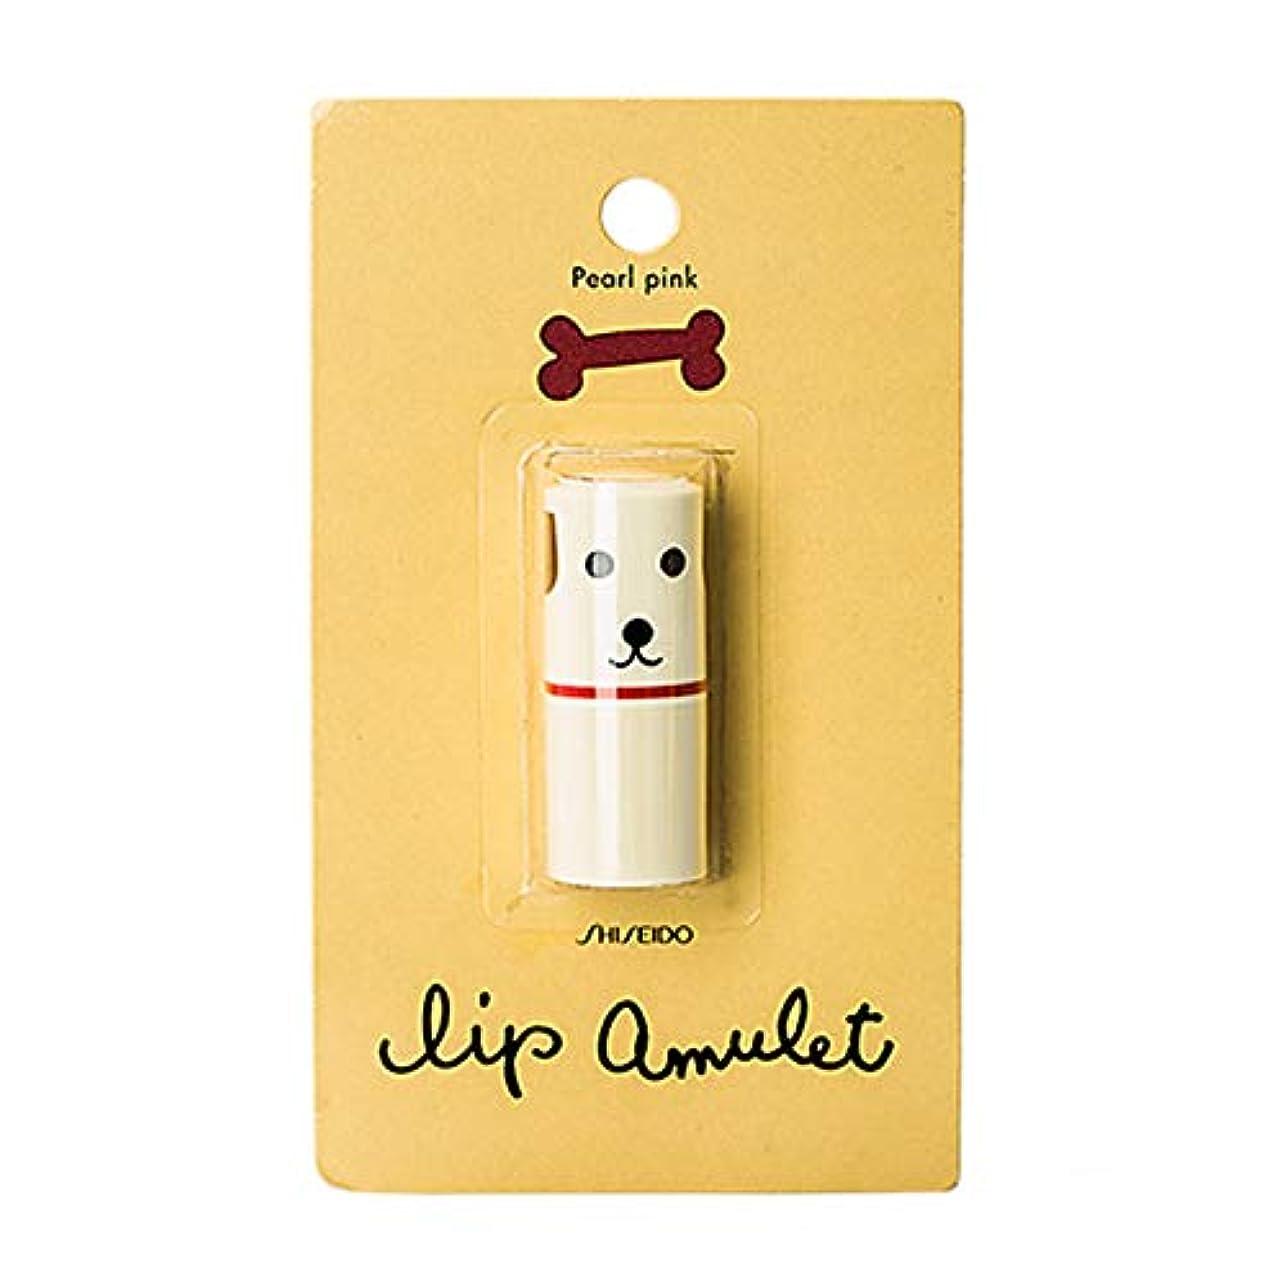 放射性アクチュエータ矛盾する【台湾限定】資生堂 Shiseido リップアミュレット Lip Amulet お土産 コスメ 色つきリップ 単品 珍珠粉紅 (パールピンク) [並行輸入品]